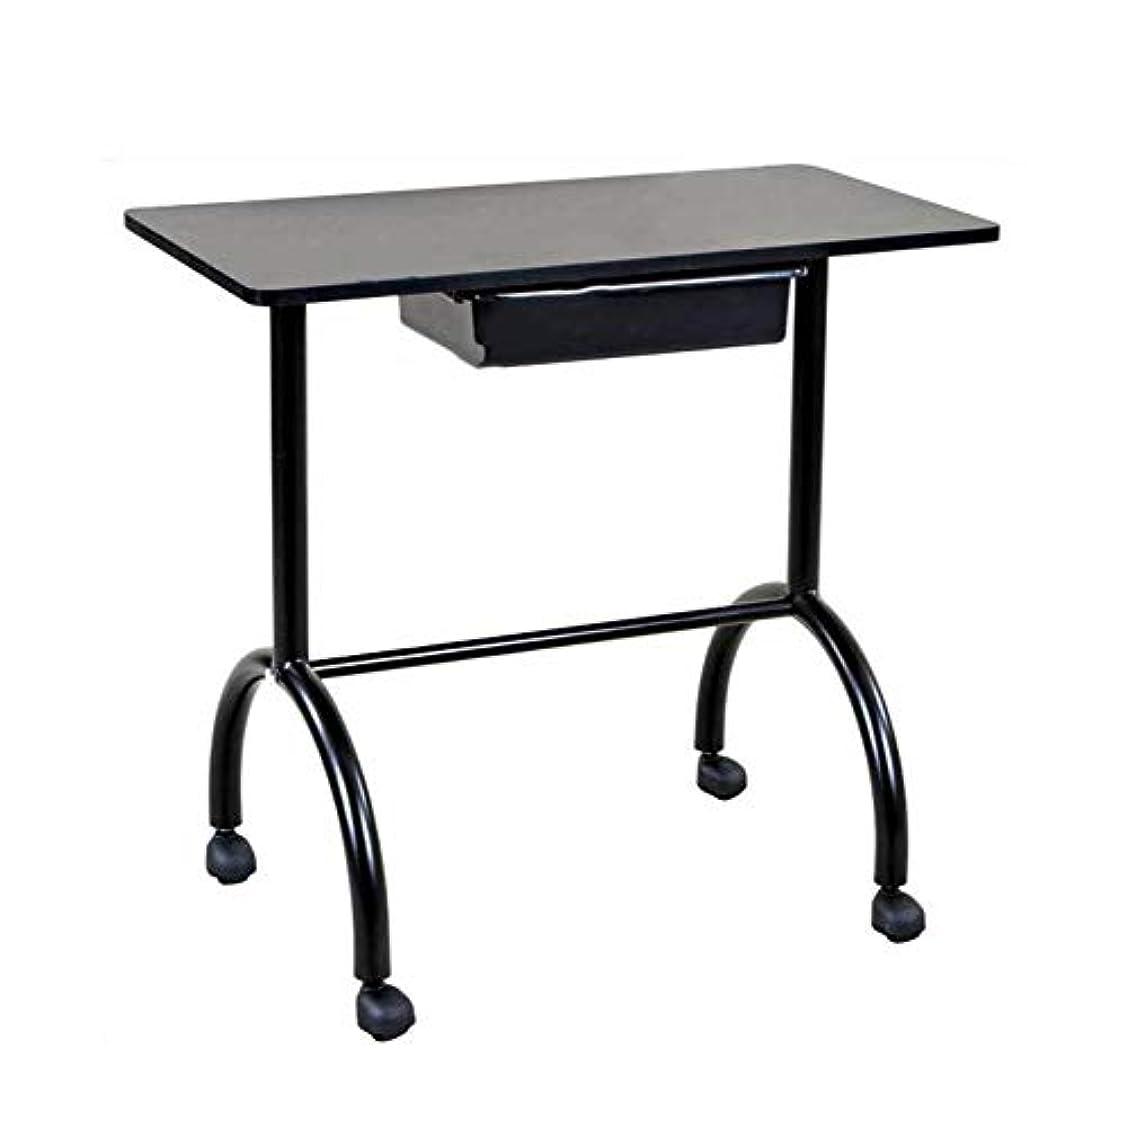 確かな金銭的ゲインセイネイルテーブルポータブルマニキュアテーブルベントネイルデスクワークステーションサロンスパネイルアートビューティーサロン備品黒